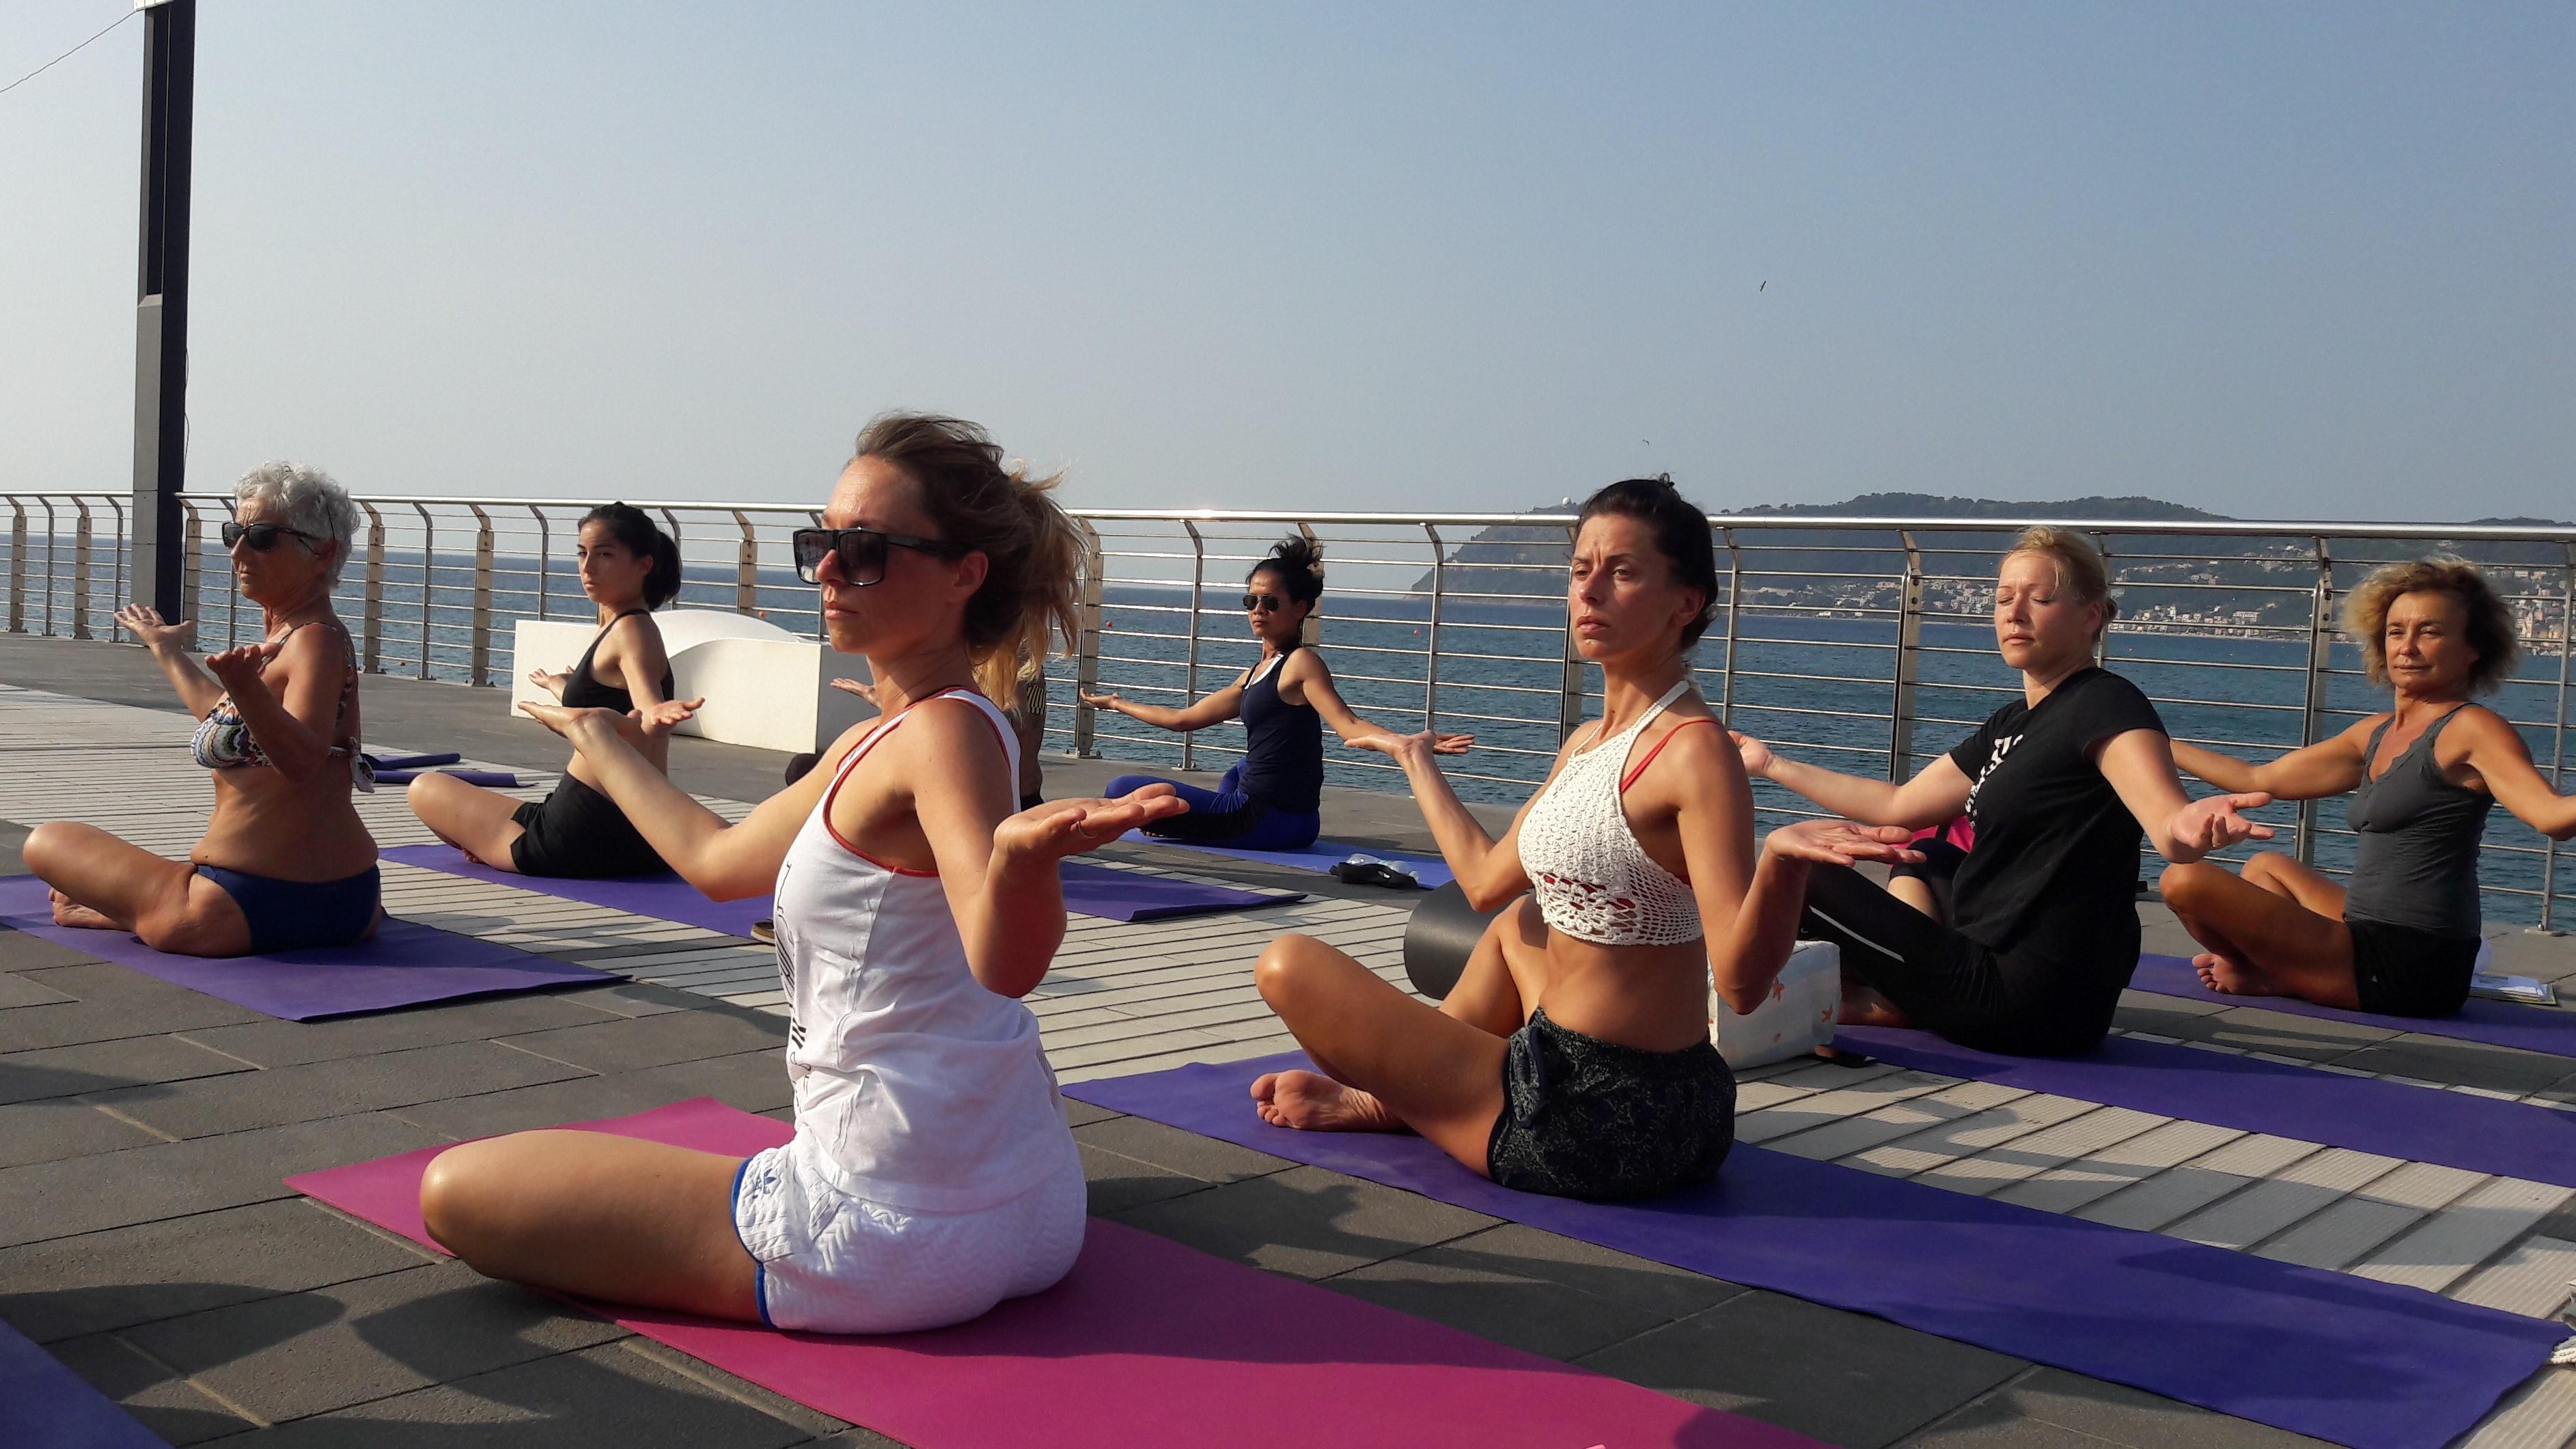 1_essere-free-yoga-gratuito-benessere-per-tutti-village-citta-alassio-estate-lucia-ragazzi-summer-town-wellness-036